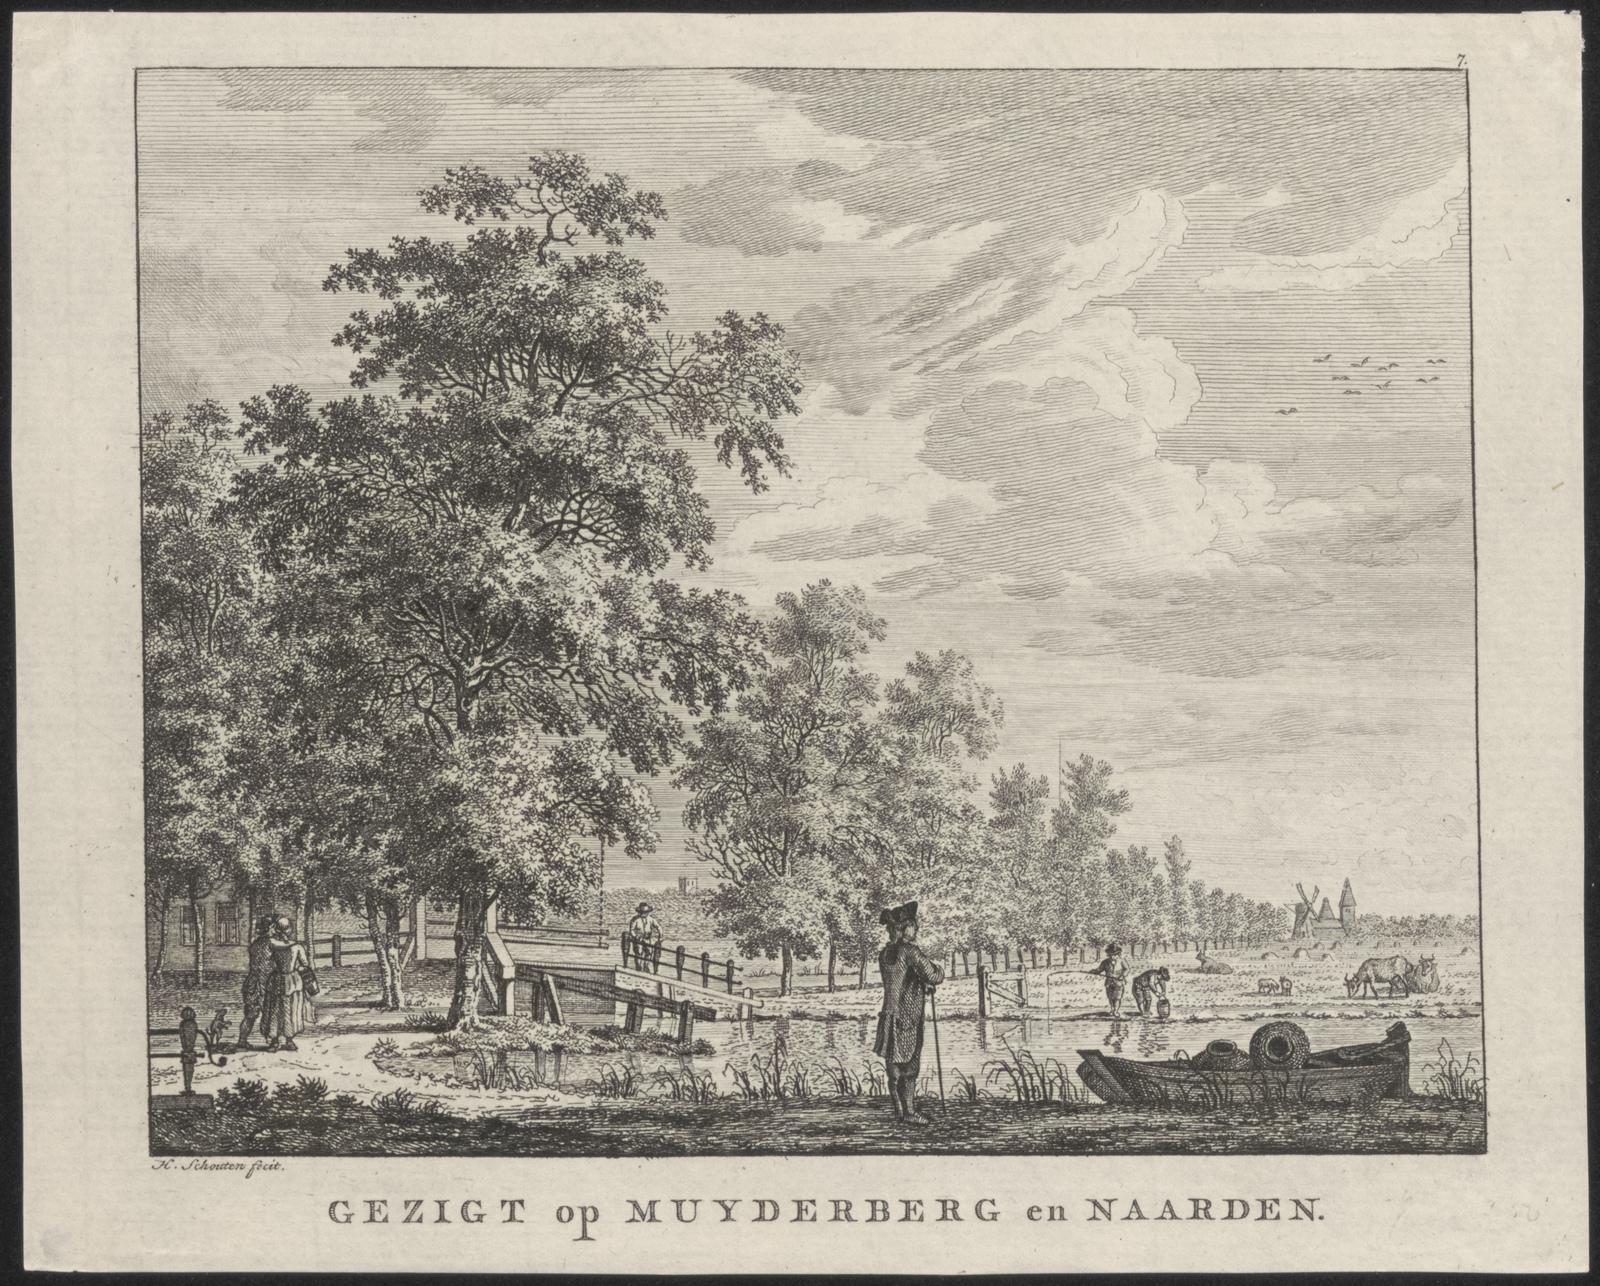 Gezigt op Muyderberg en Naarden